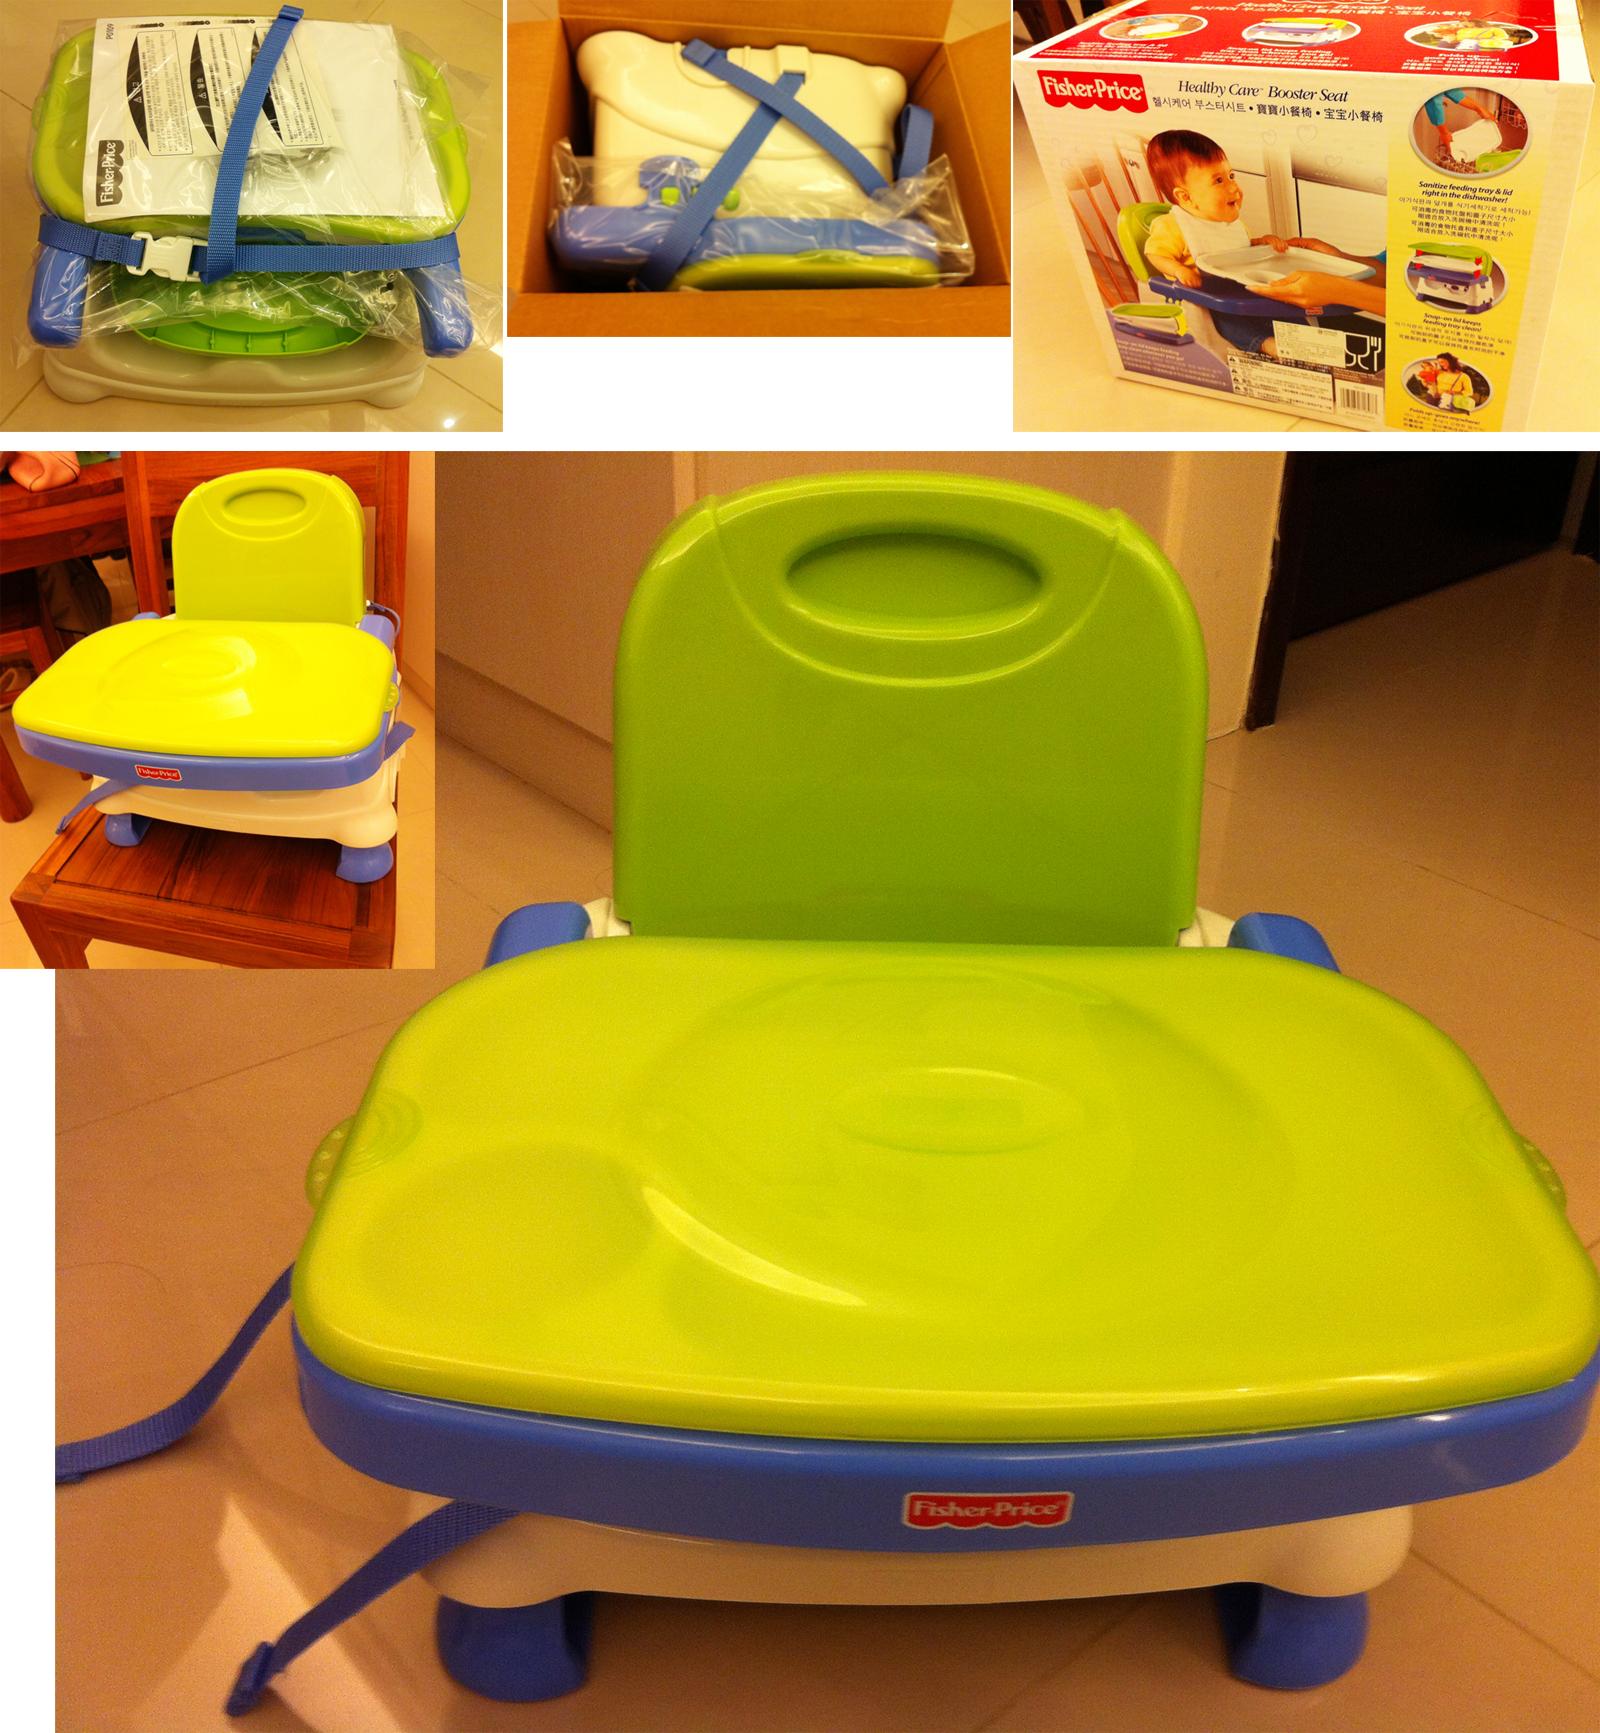 每個寶寶都有的 Fisher Price Booster Seat 費雪寶寶小餐椅